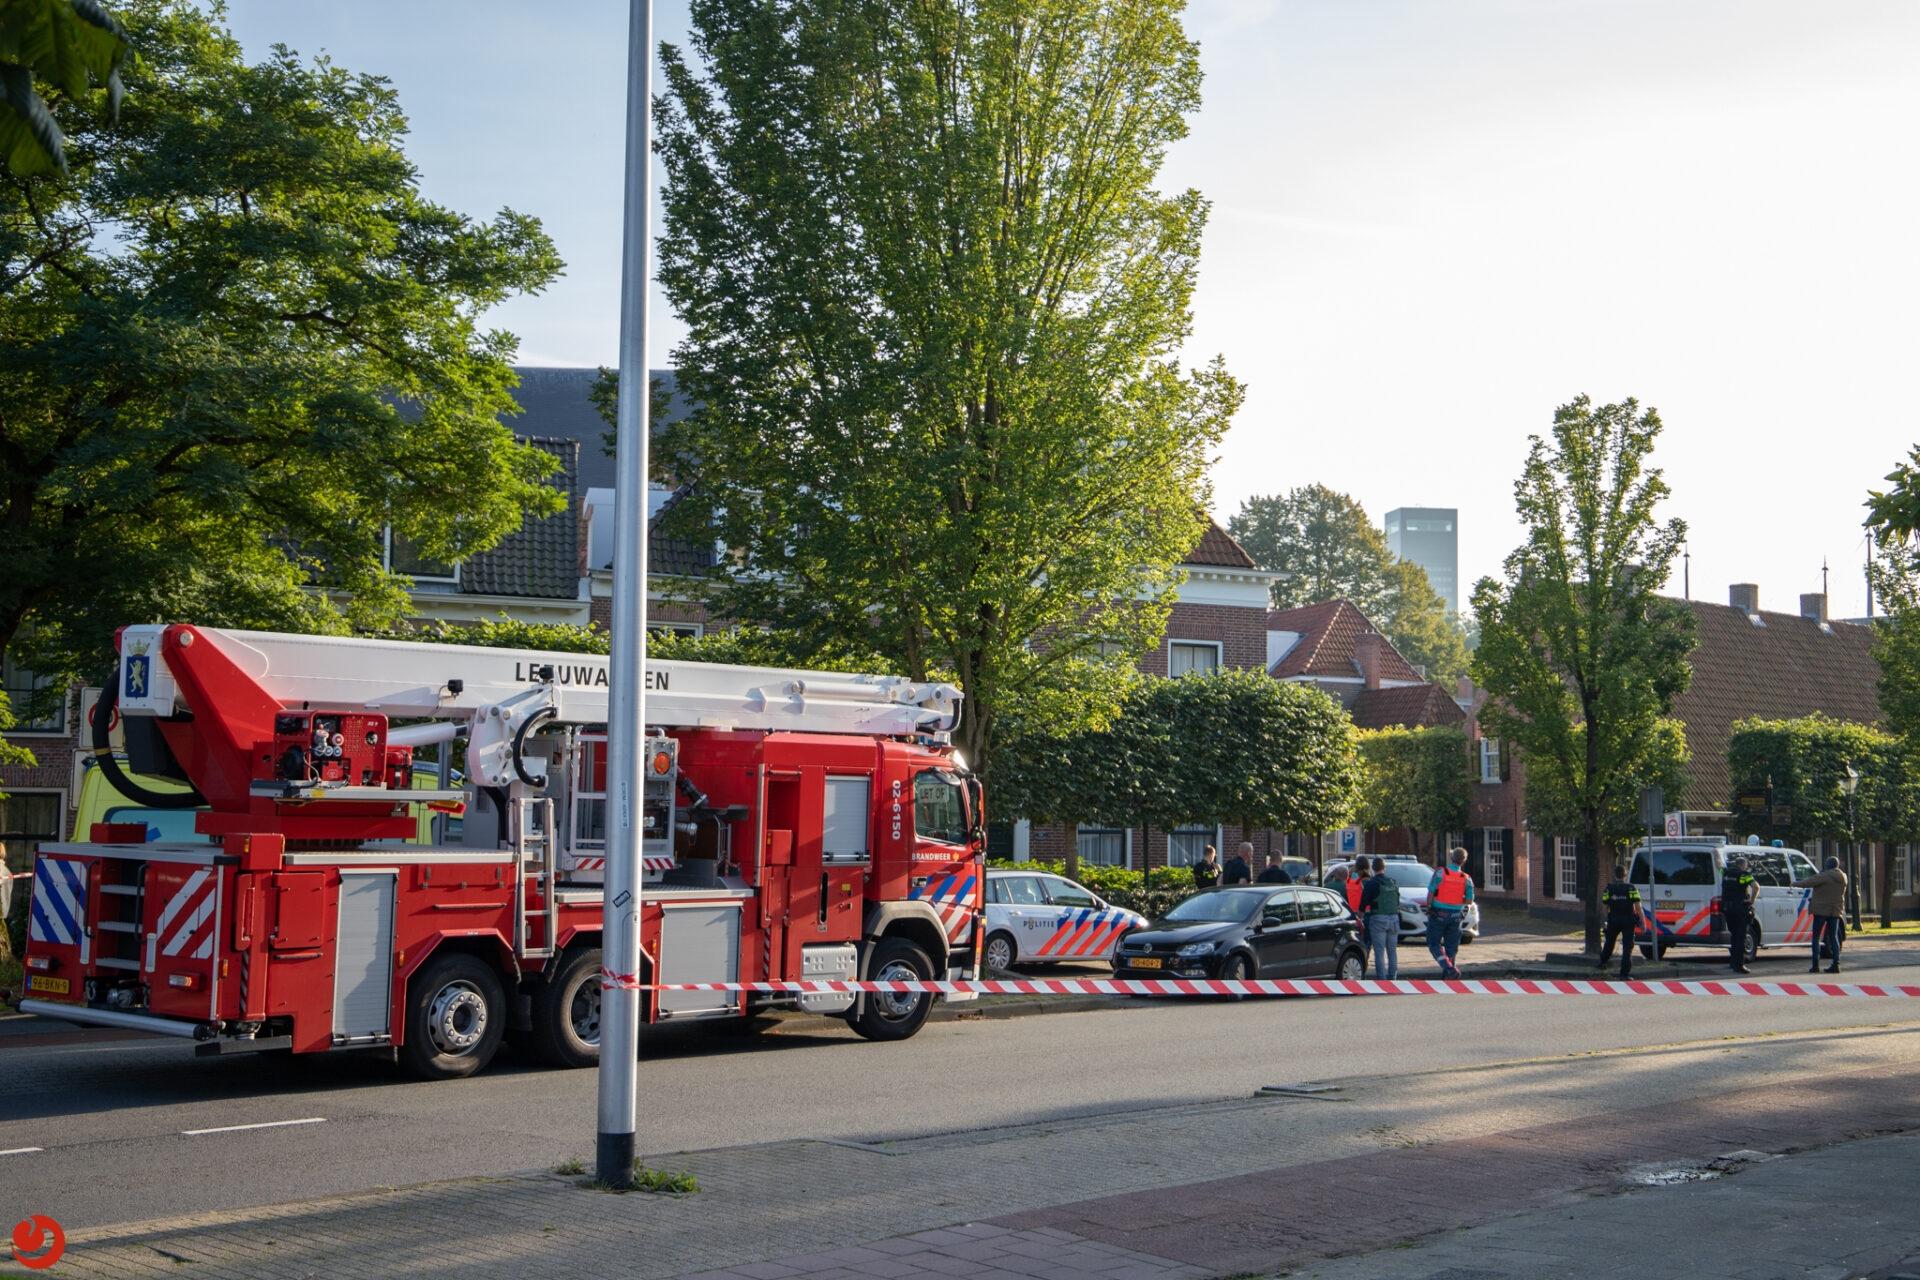 Arrestatieteam ingezet voor man met wapen op dak van woning in Leeuwarden